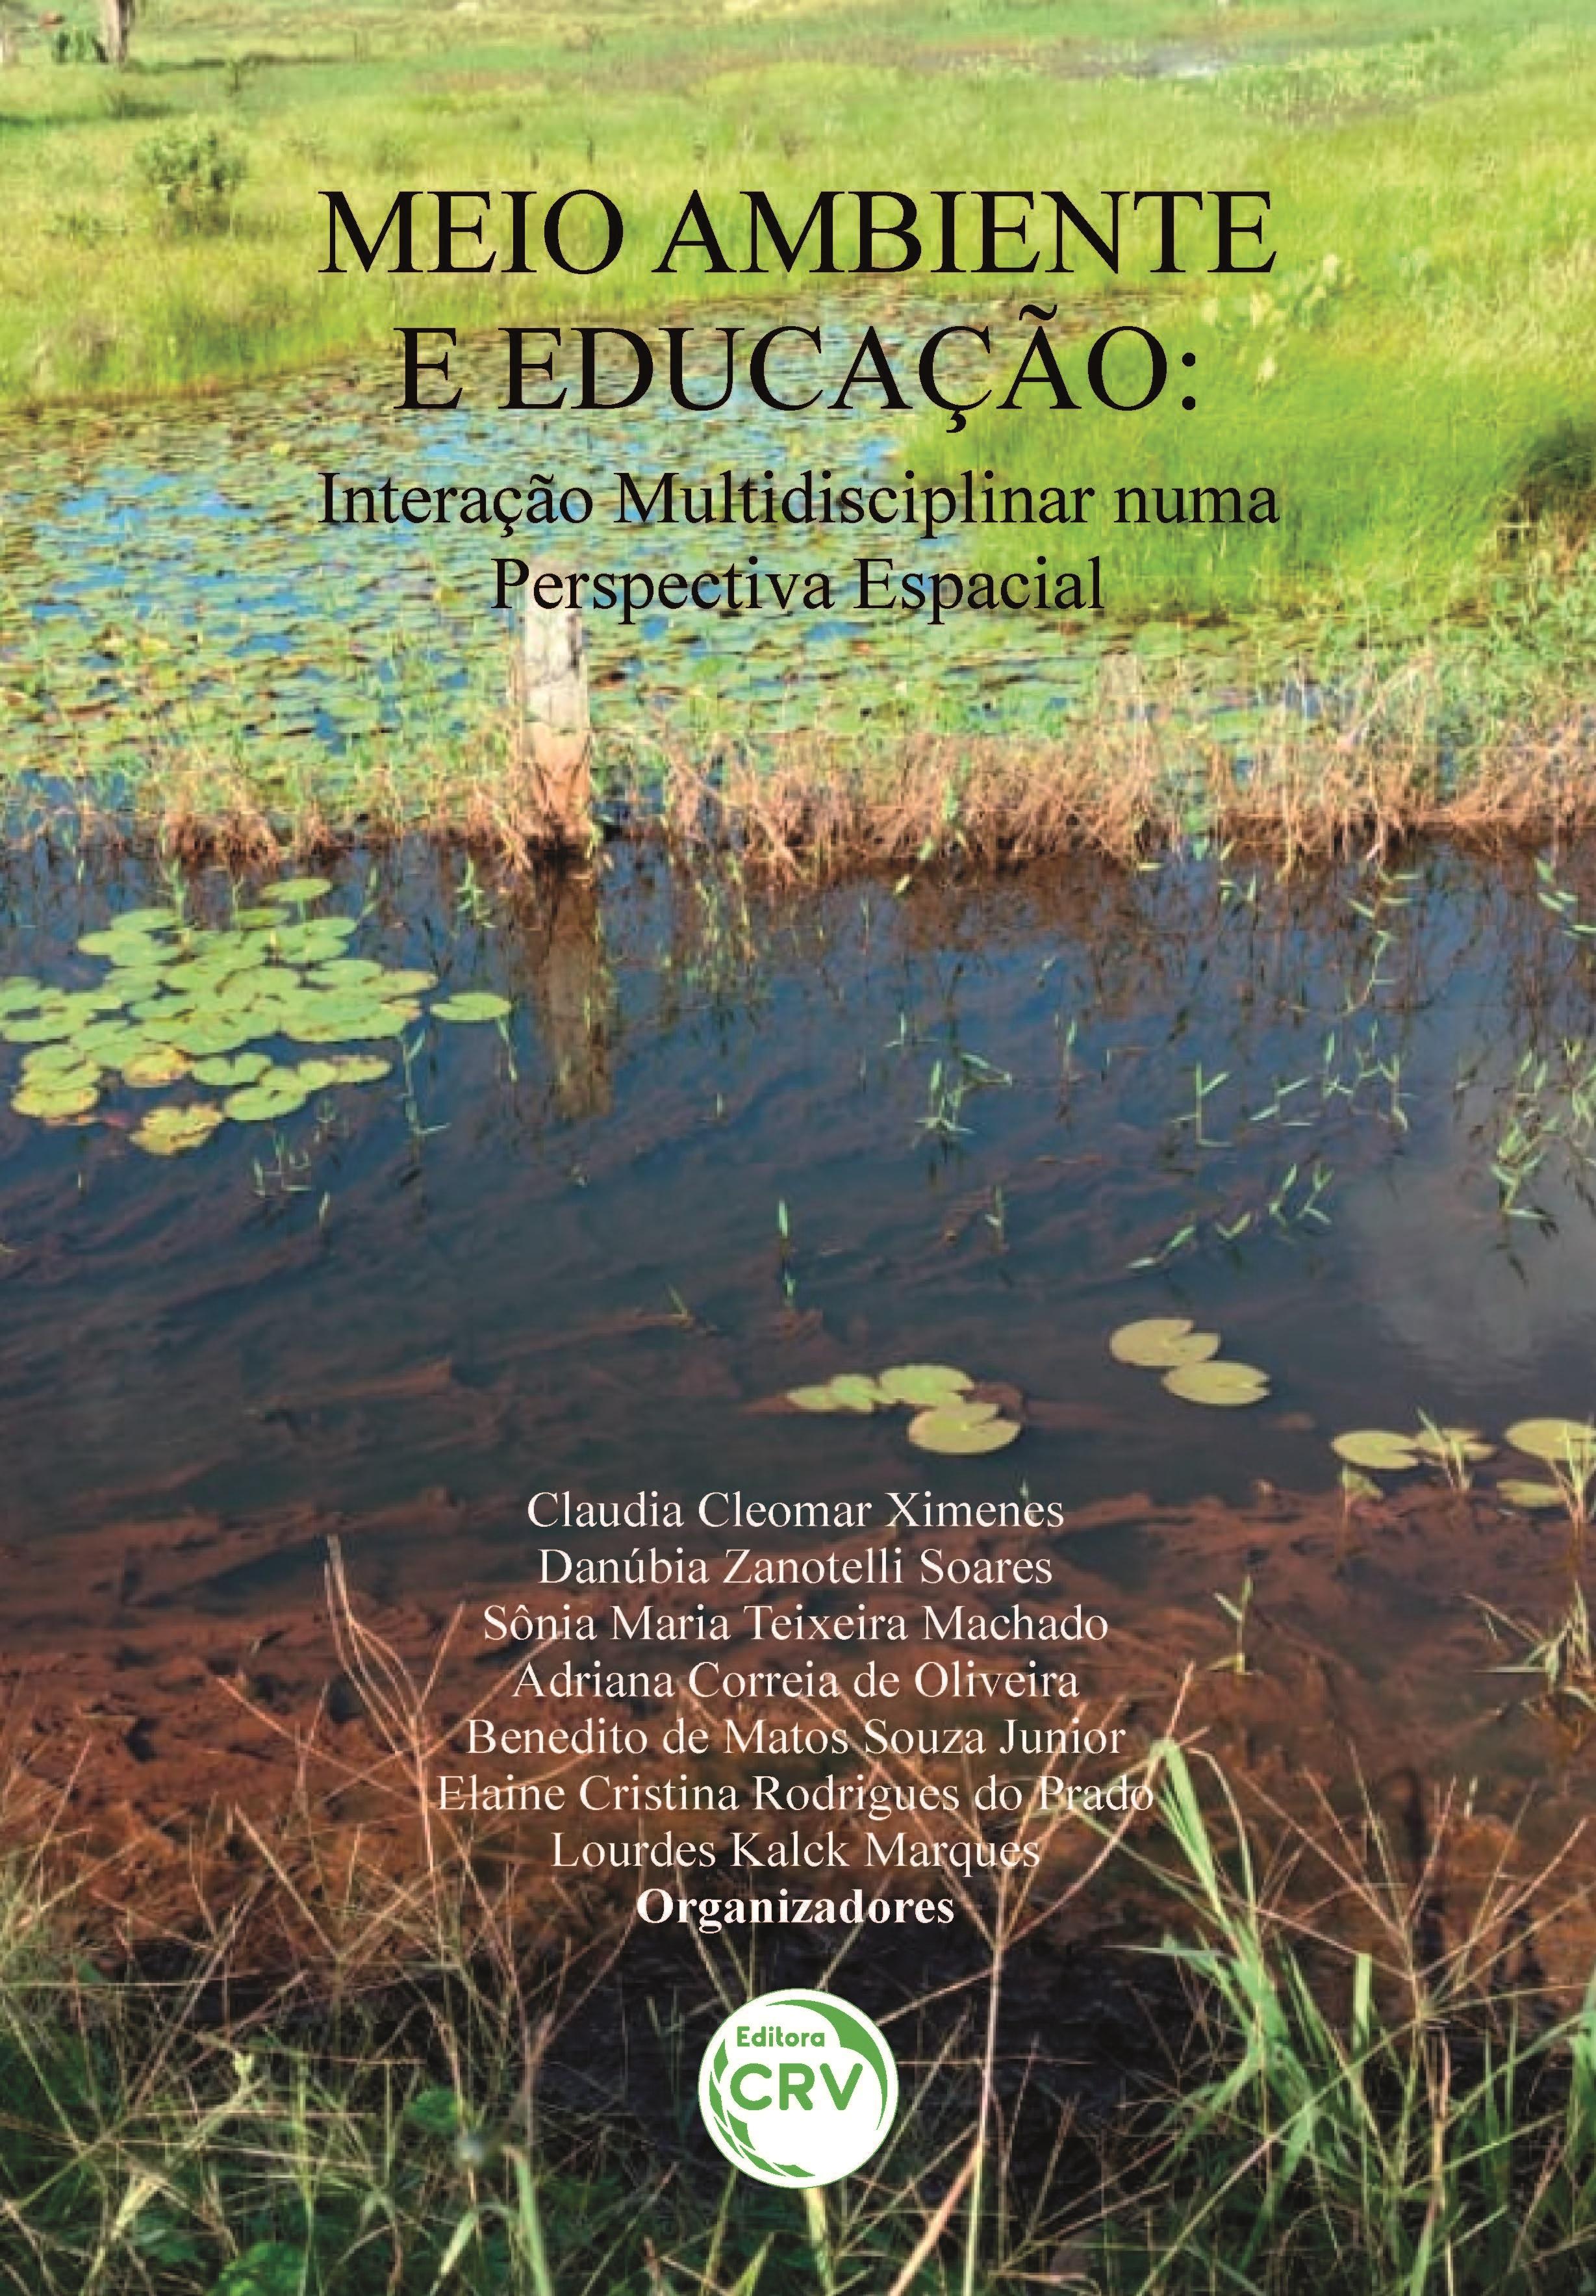 Capa do livro: MEIO AMBIENTE E EDUCAÇÃO: <br>interação multidisciplinar numa perspectiva espacial